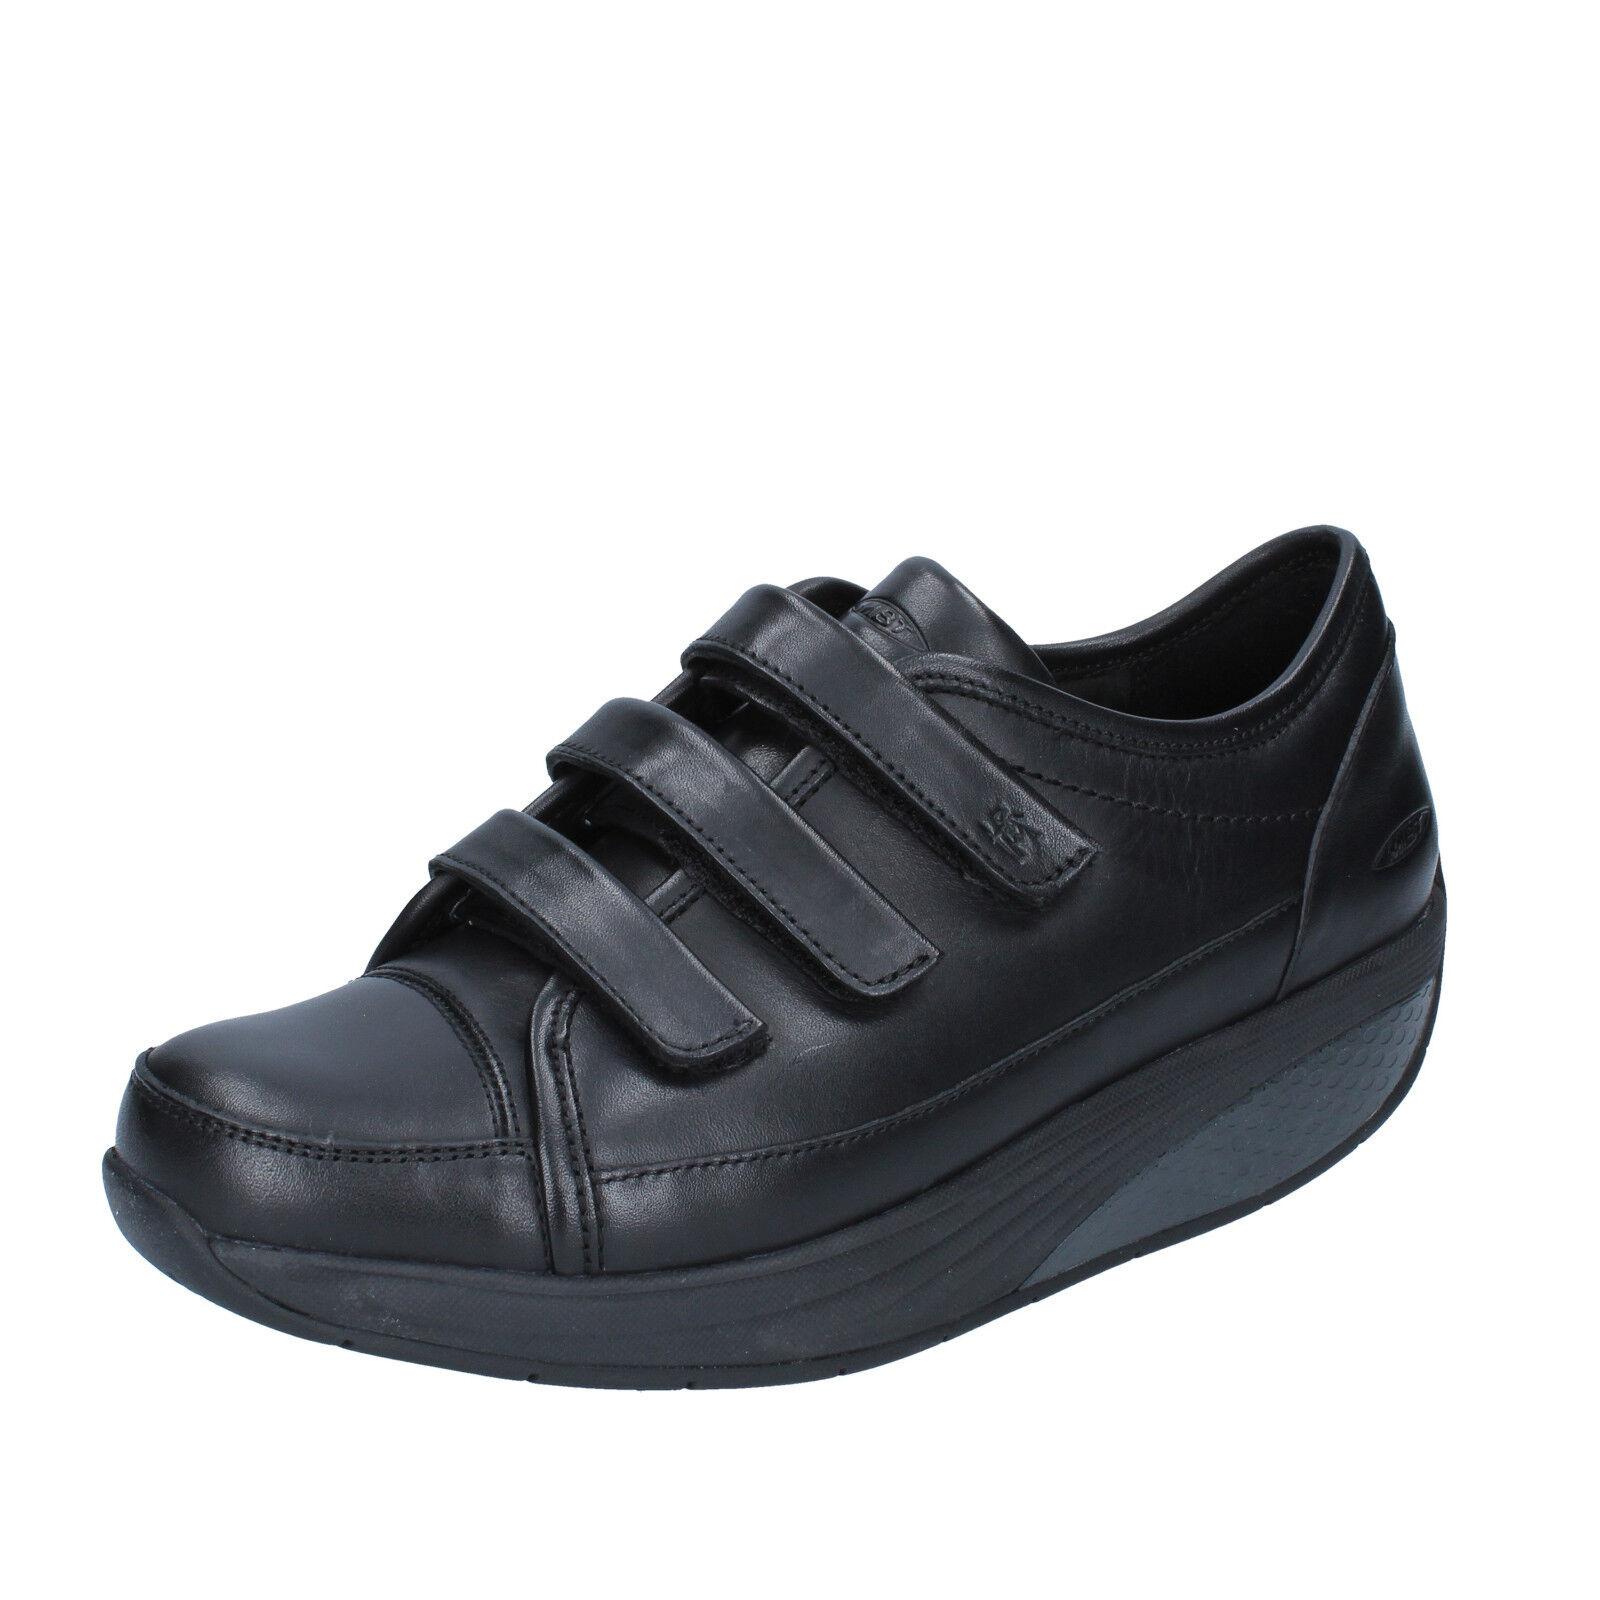 Scarpe donna MBT 37 EU scarpe da ginnastica nero pelle indice performance AC381-B